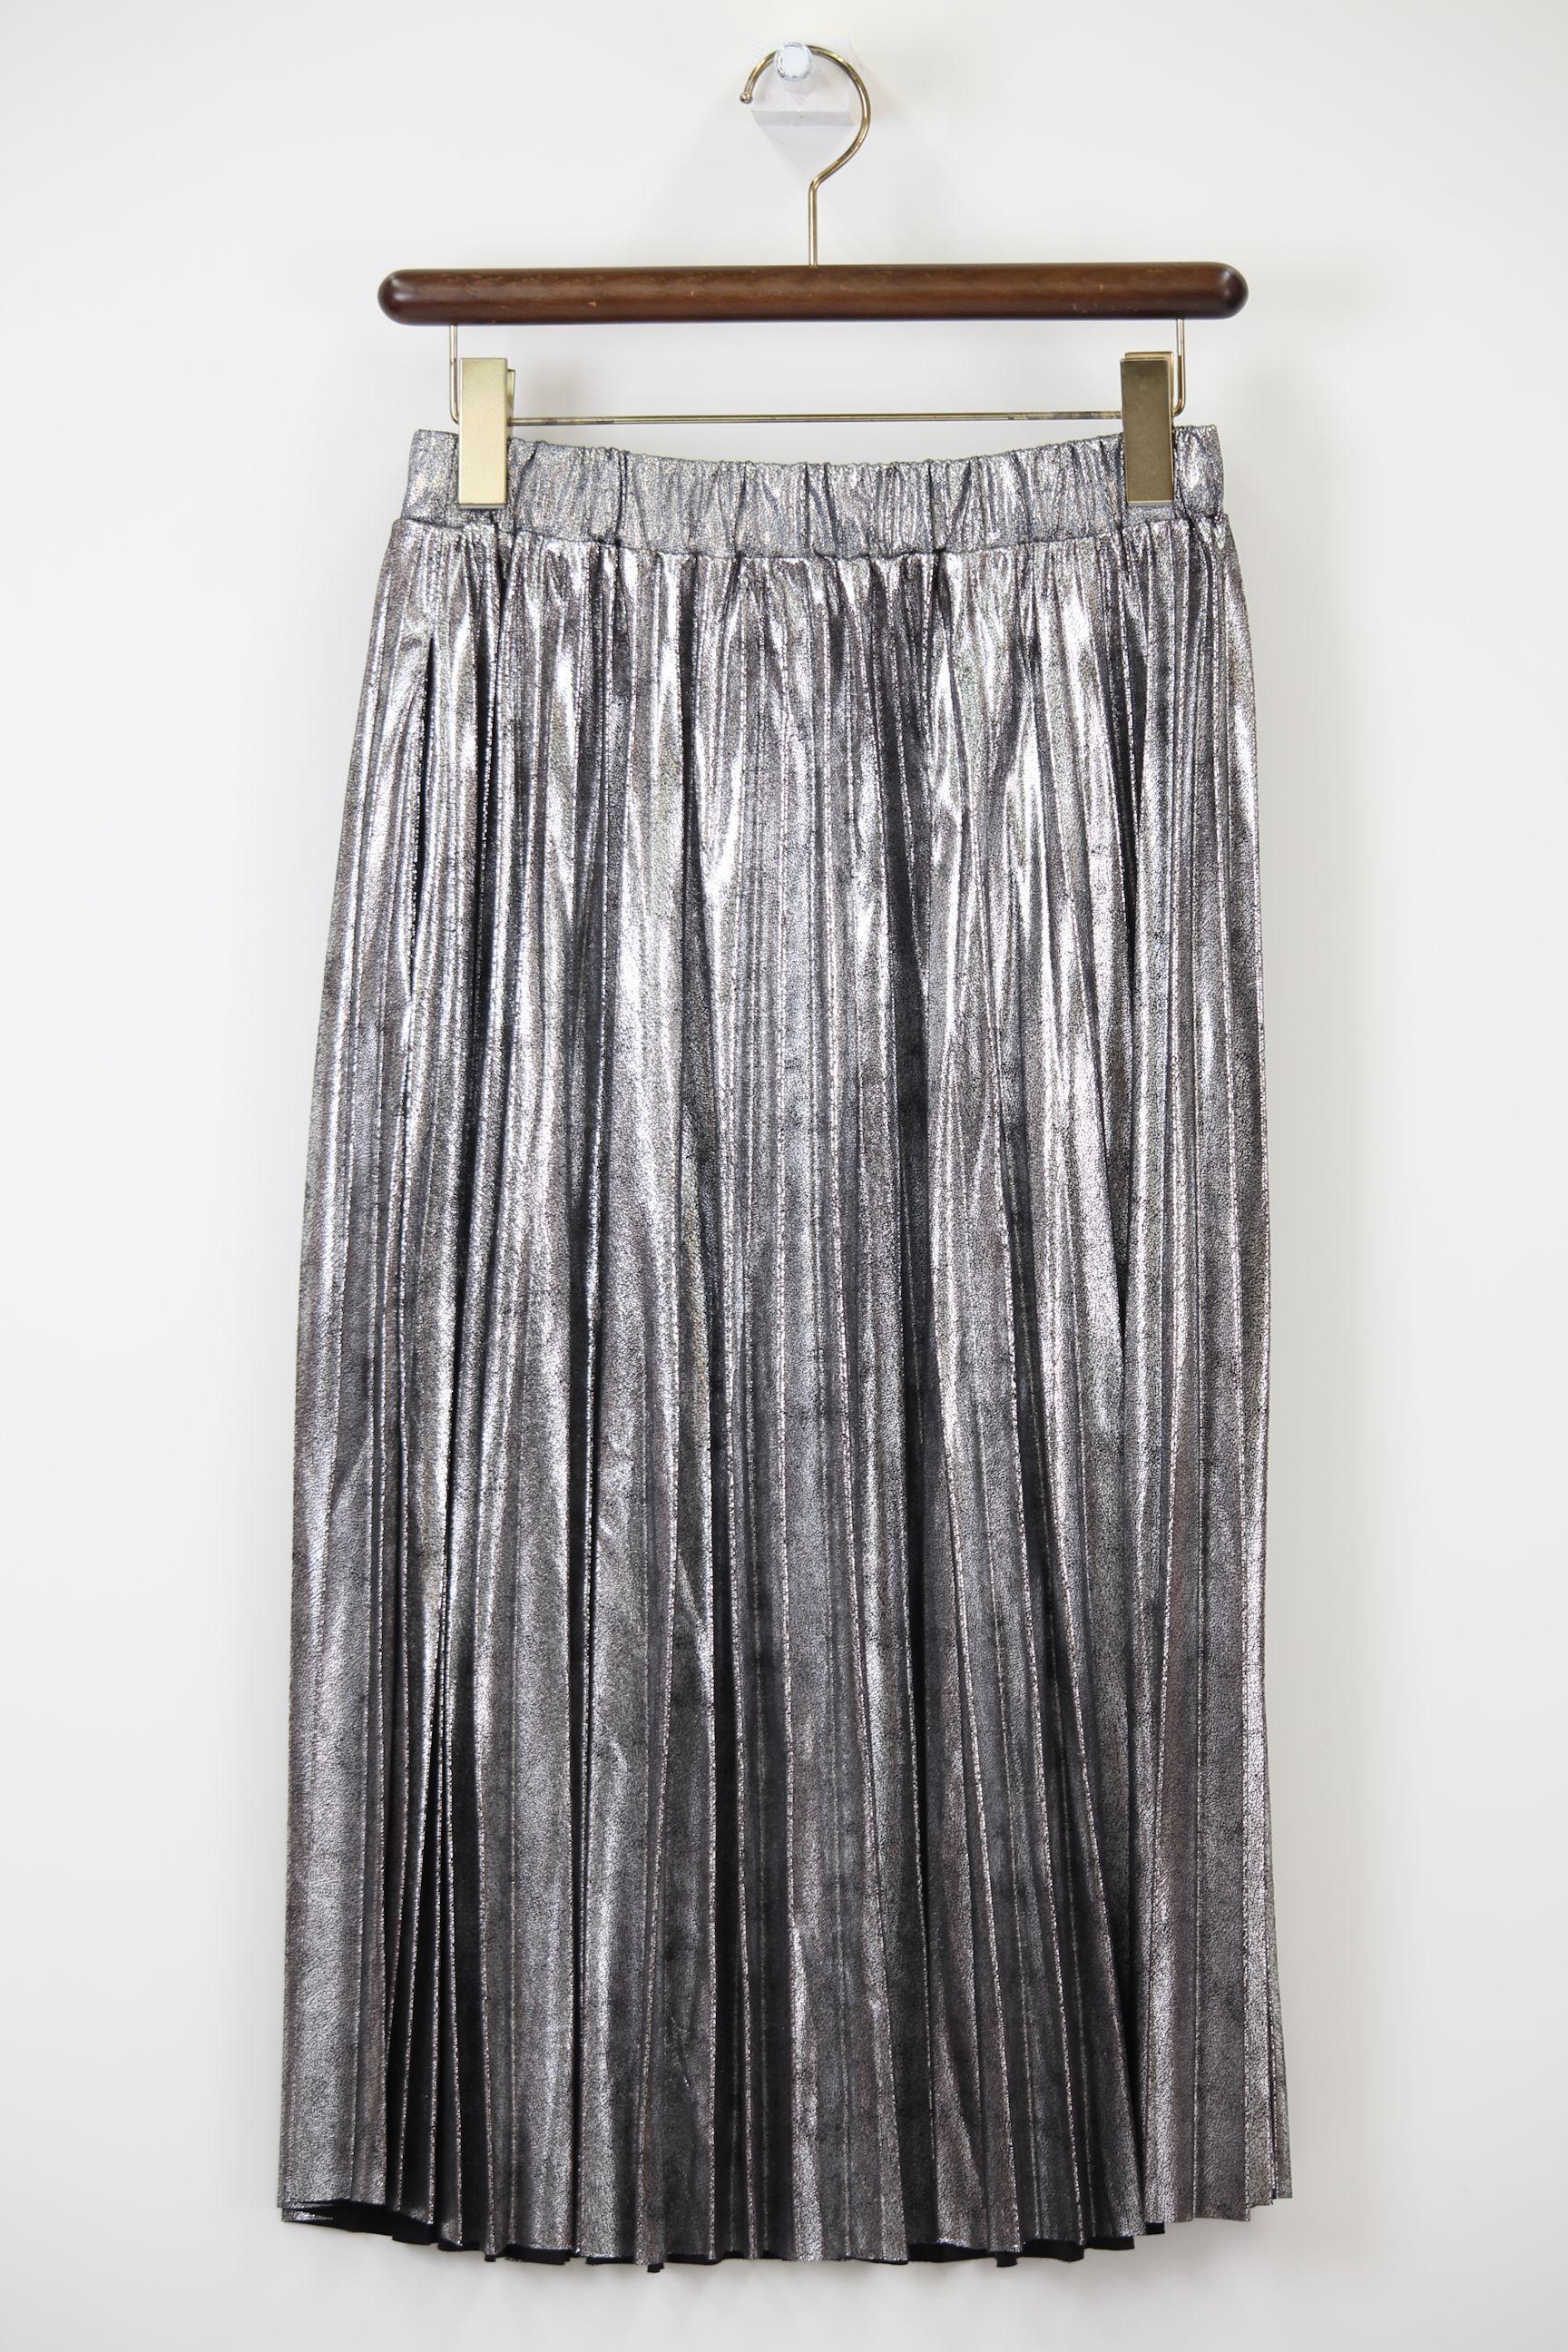 シルバーラメのプリーツスカート